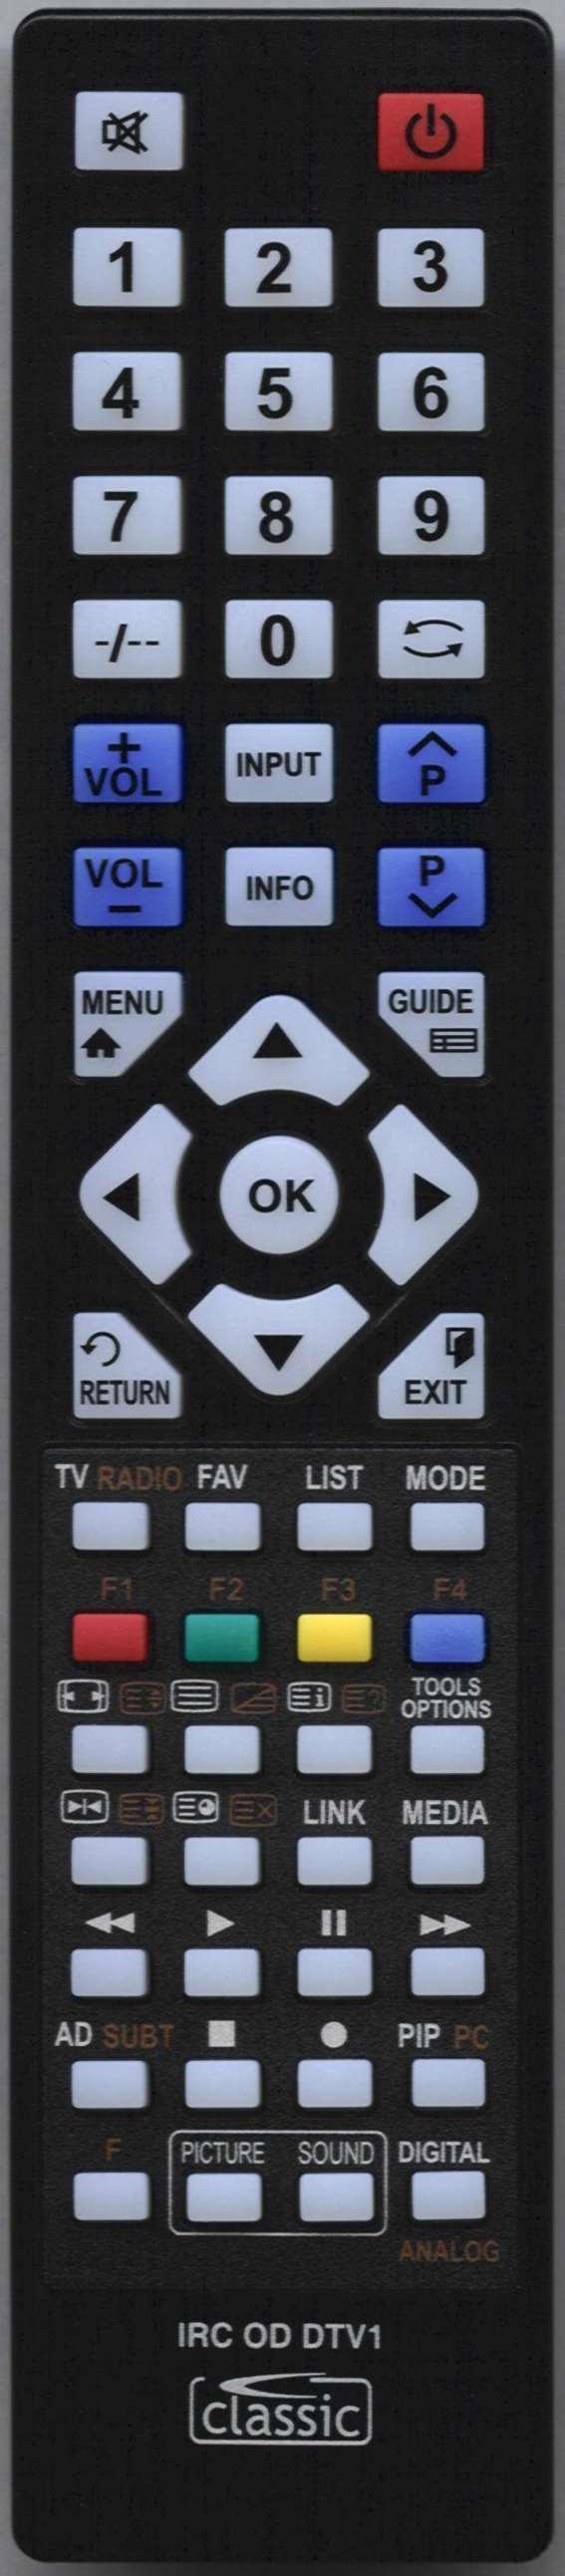 CELLO C58ANSMT-4K Remote Control